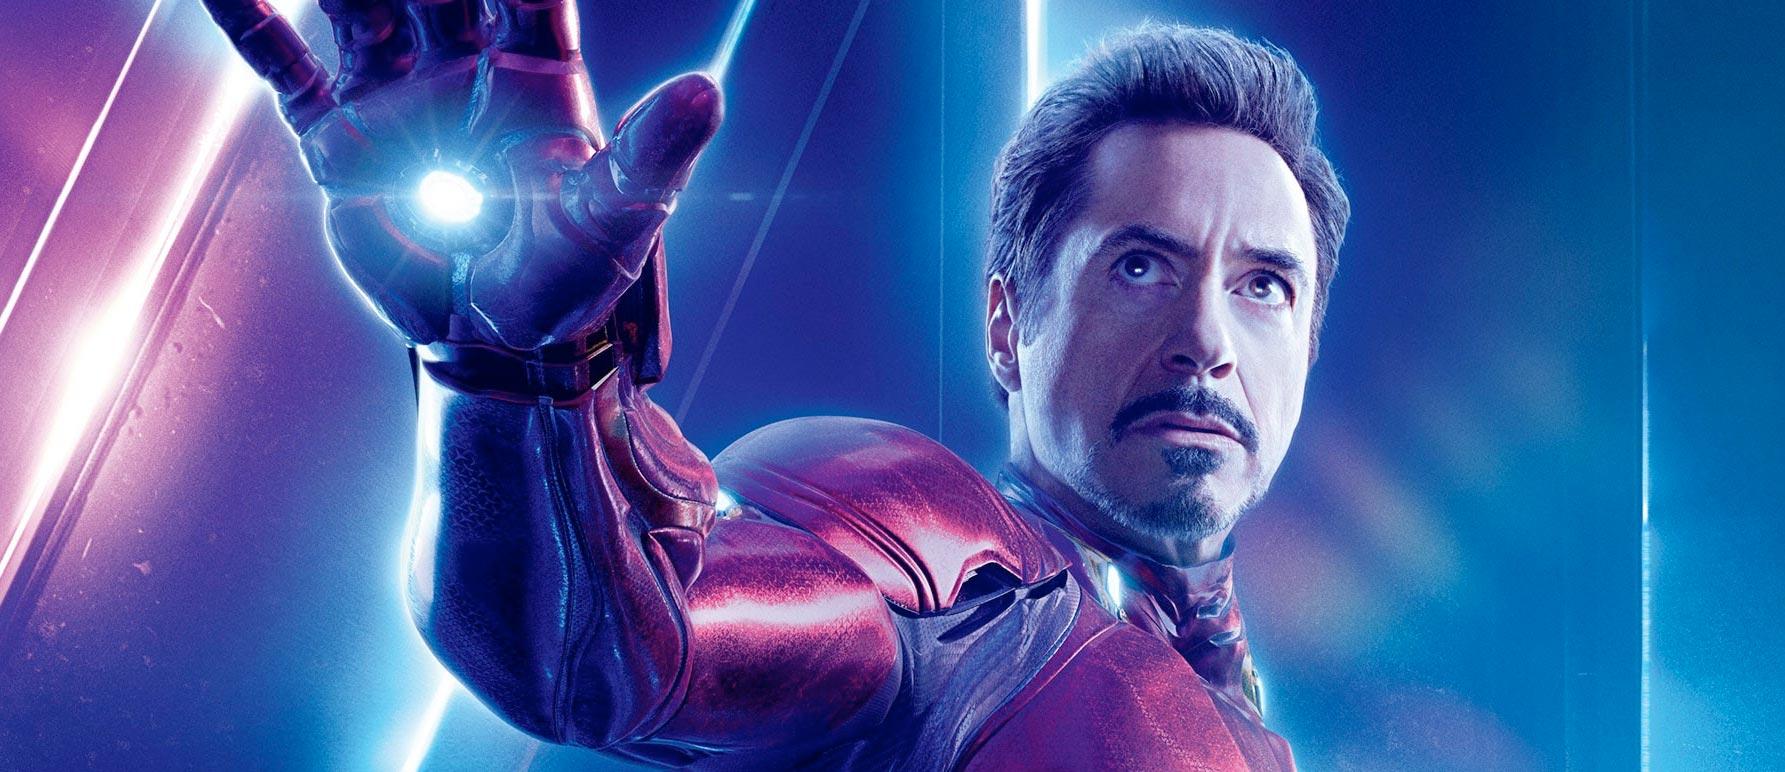 Iron Man's sacrifice in Endgame